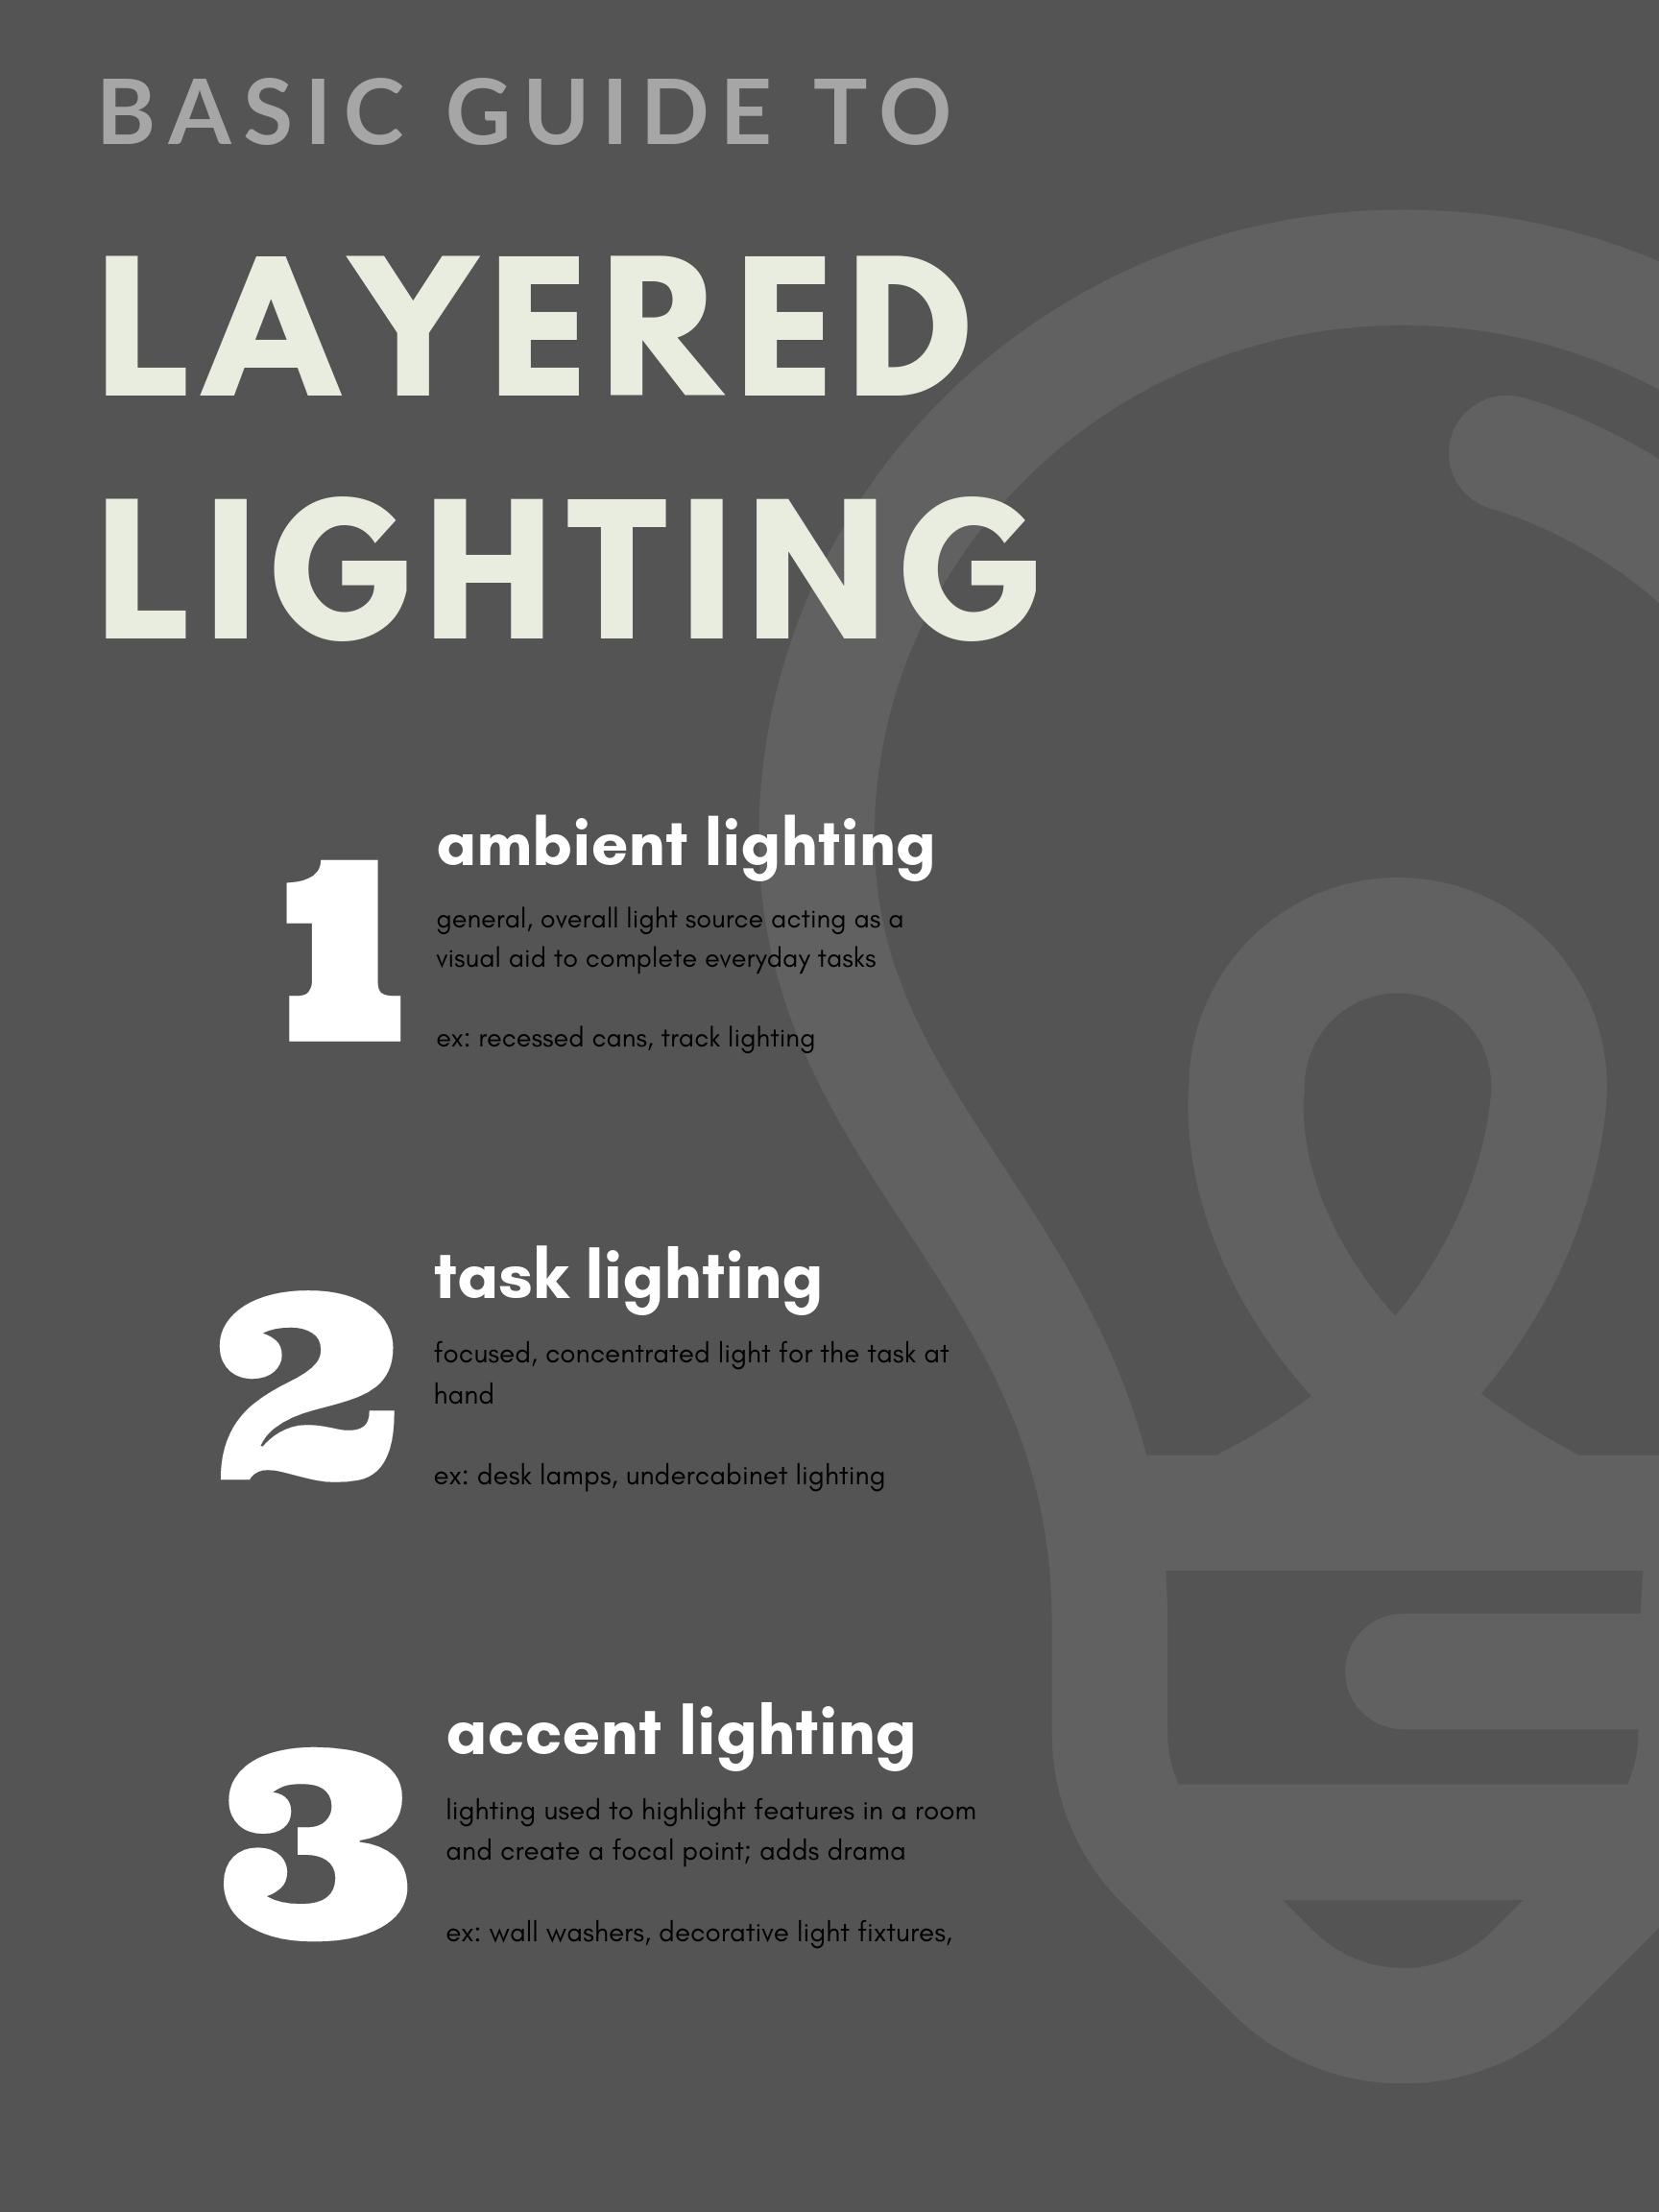 layered lighting lexington ky interior design renovation lighting design interior designers